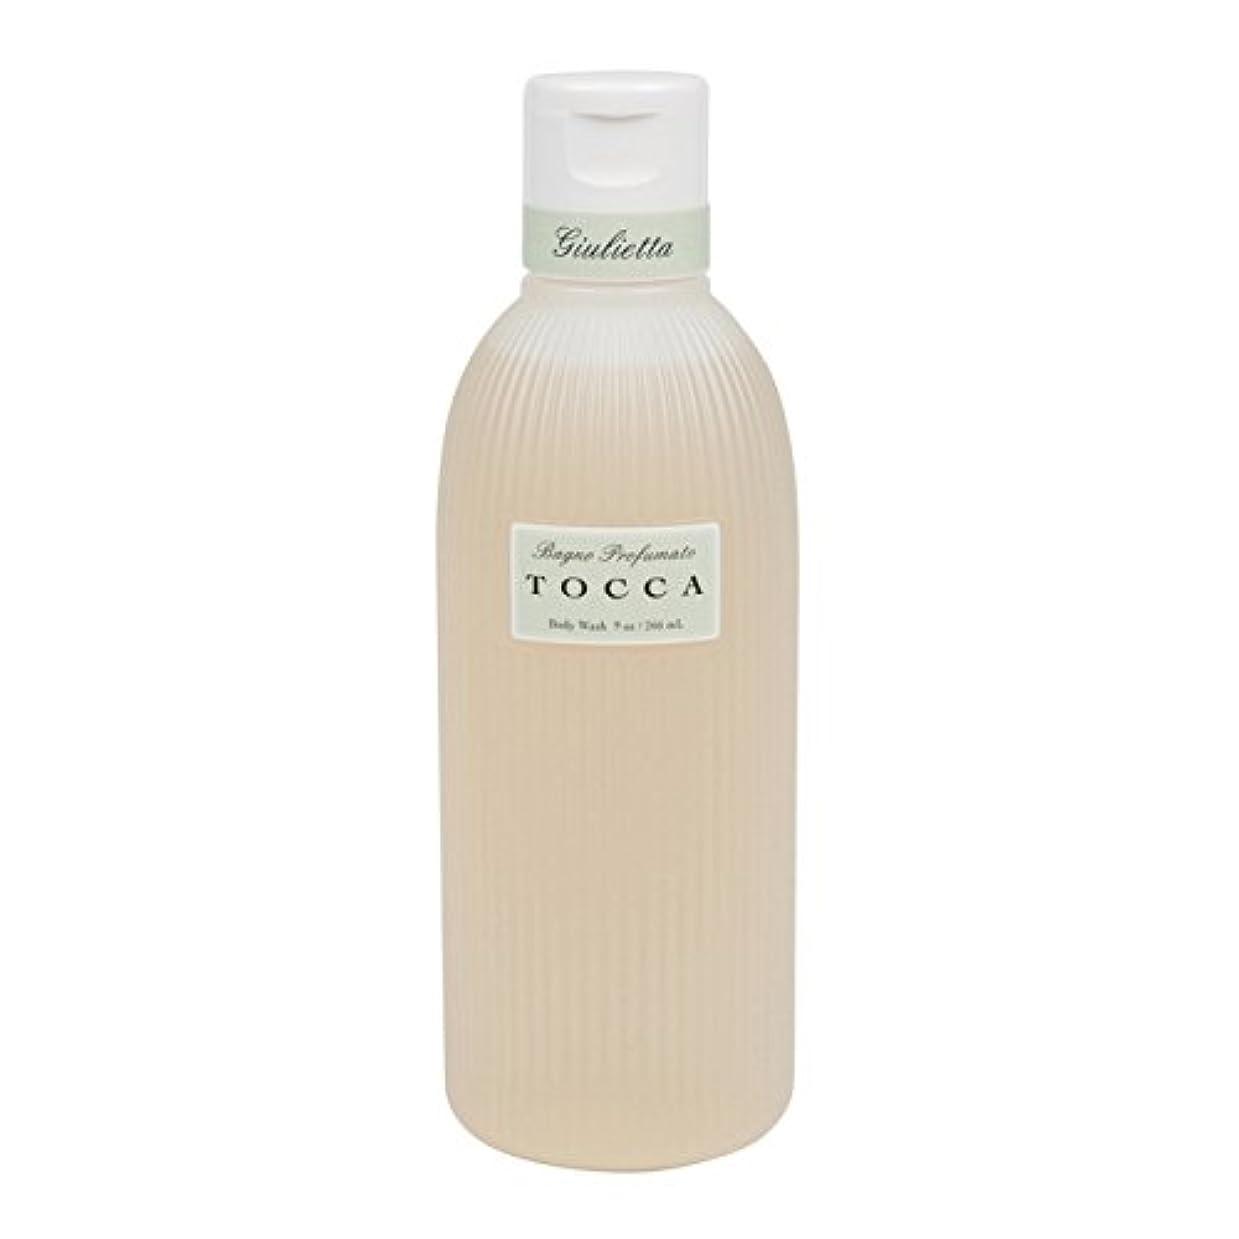 楽しませるマティスおなじみのトッカ(TOCCA) ボディーケアウォッシュ ジュリエッタの香り  266ml(全身用洗浄料 ボディーソープ ピンクチューリップとグリーンアップルの爽やかで甘い香り)